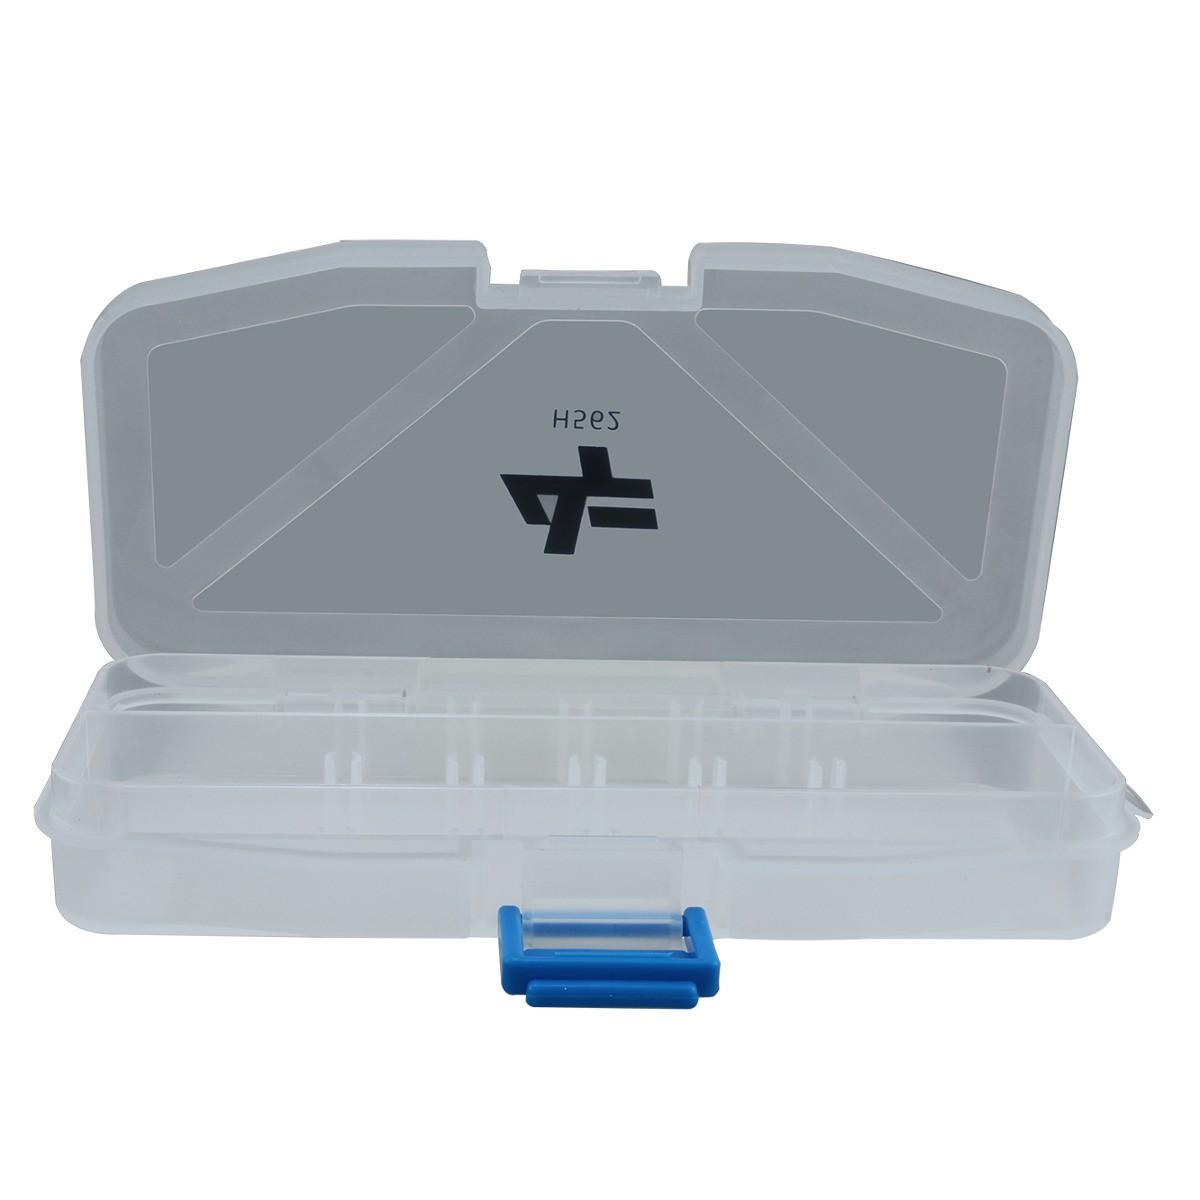 Estojo Plástico Organizador Albatroz Fishing Transparente H562